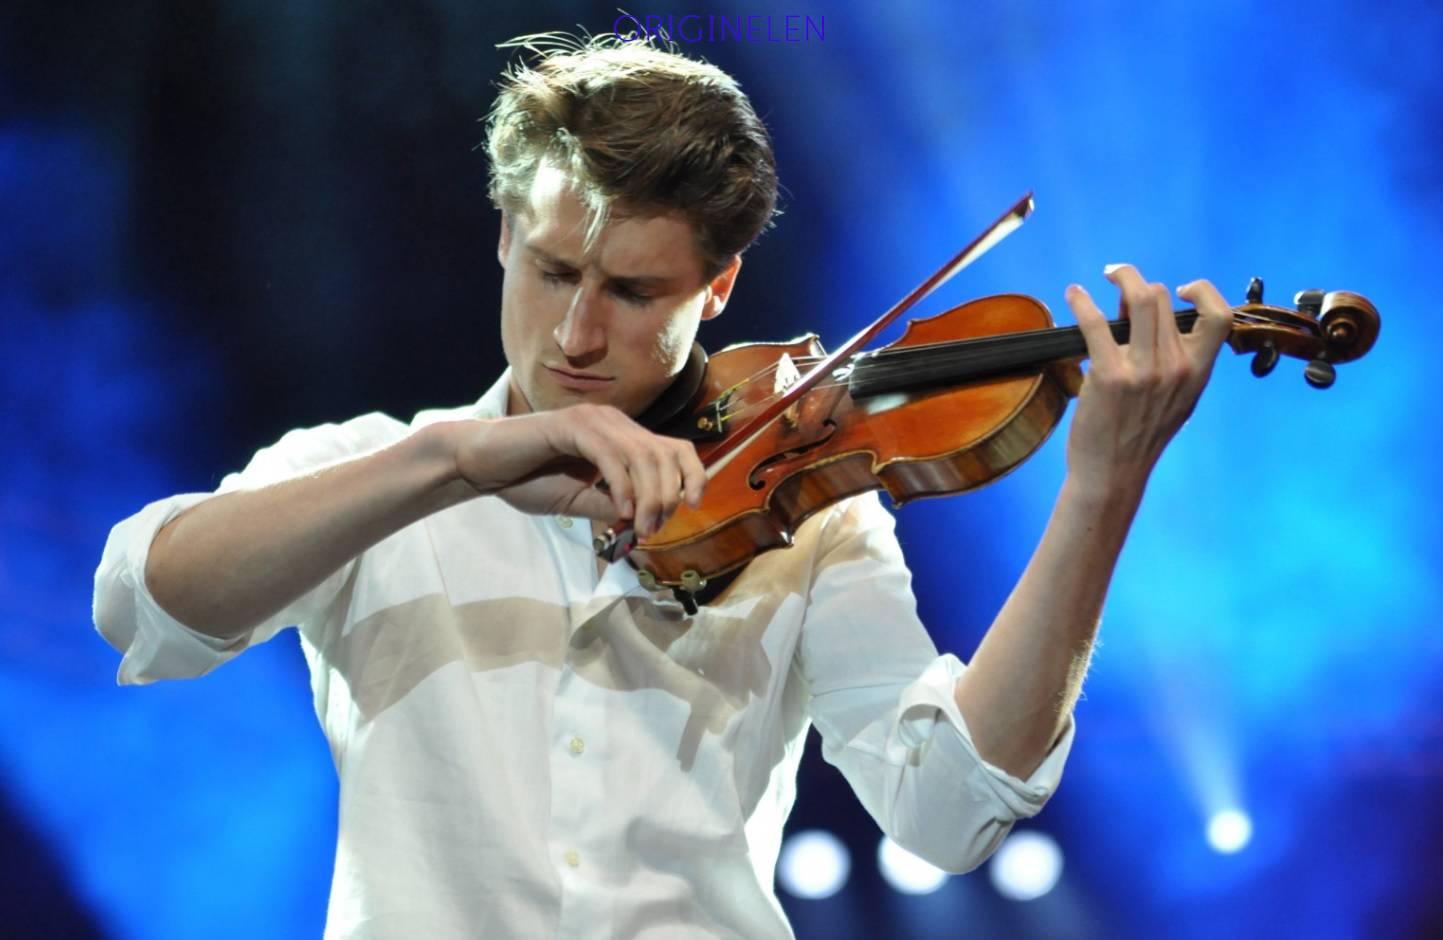 Concert in Bozar